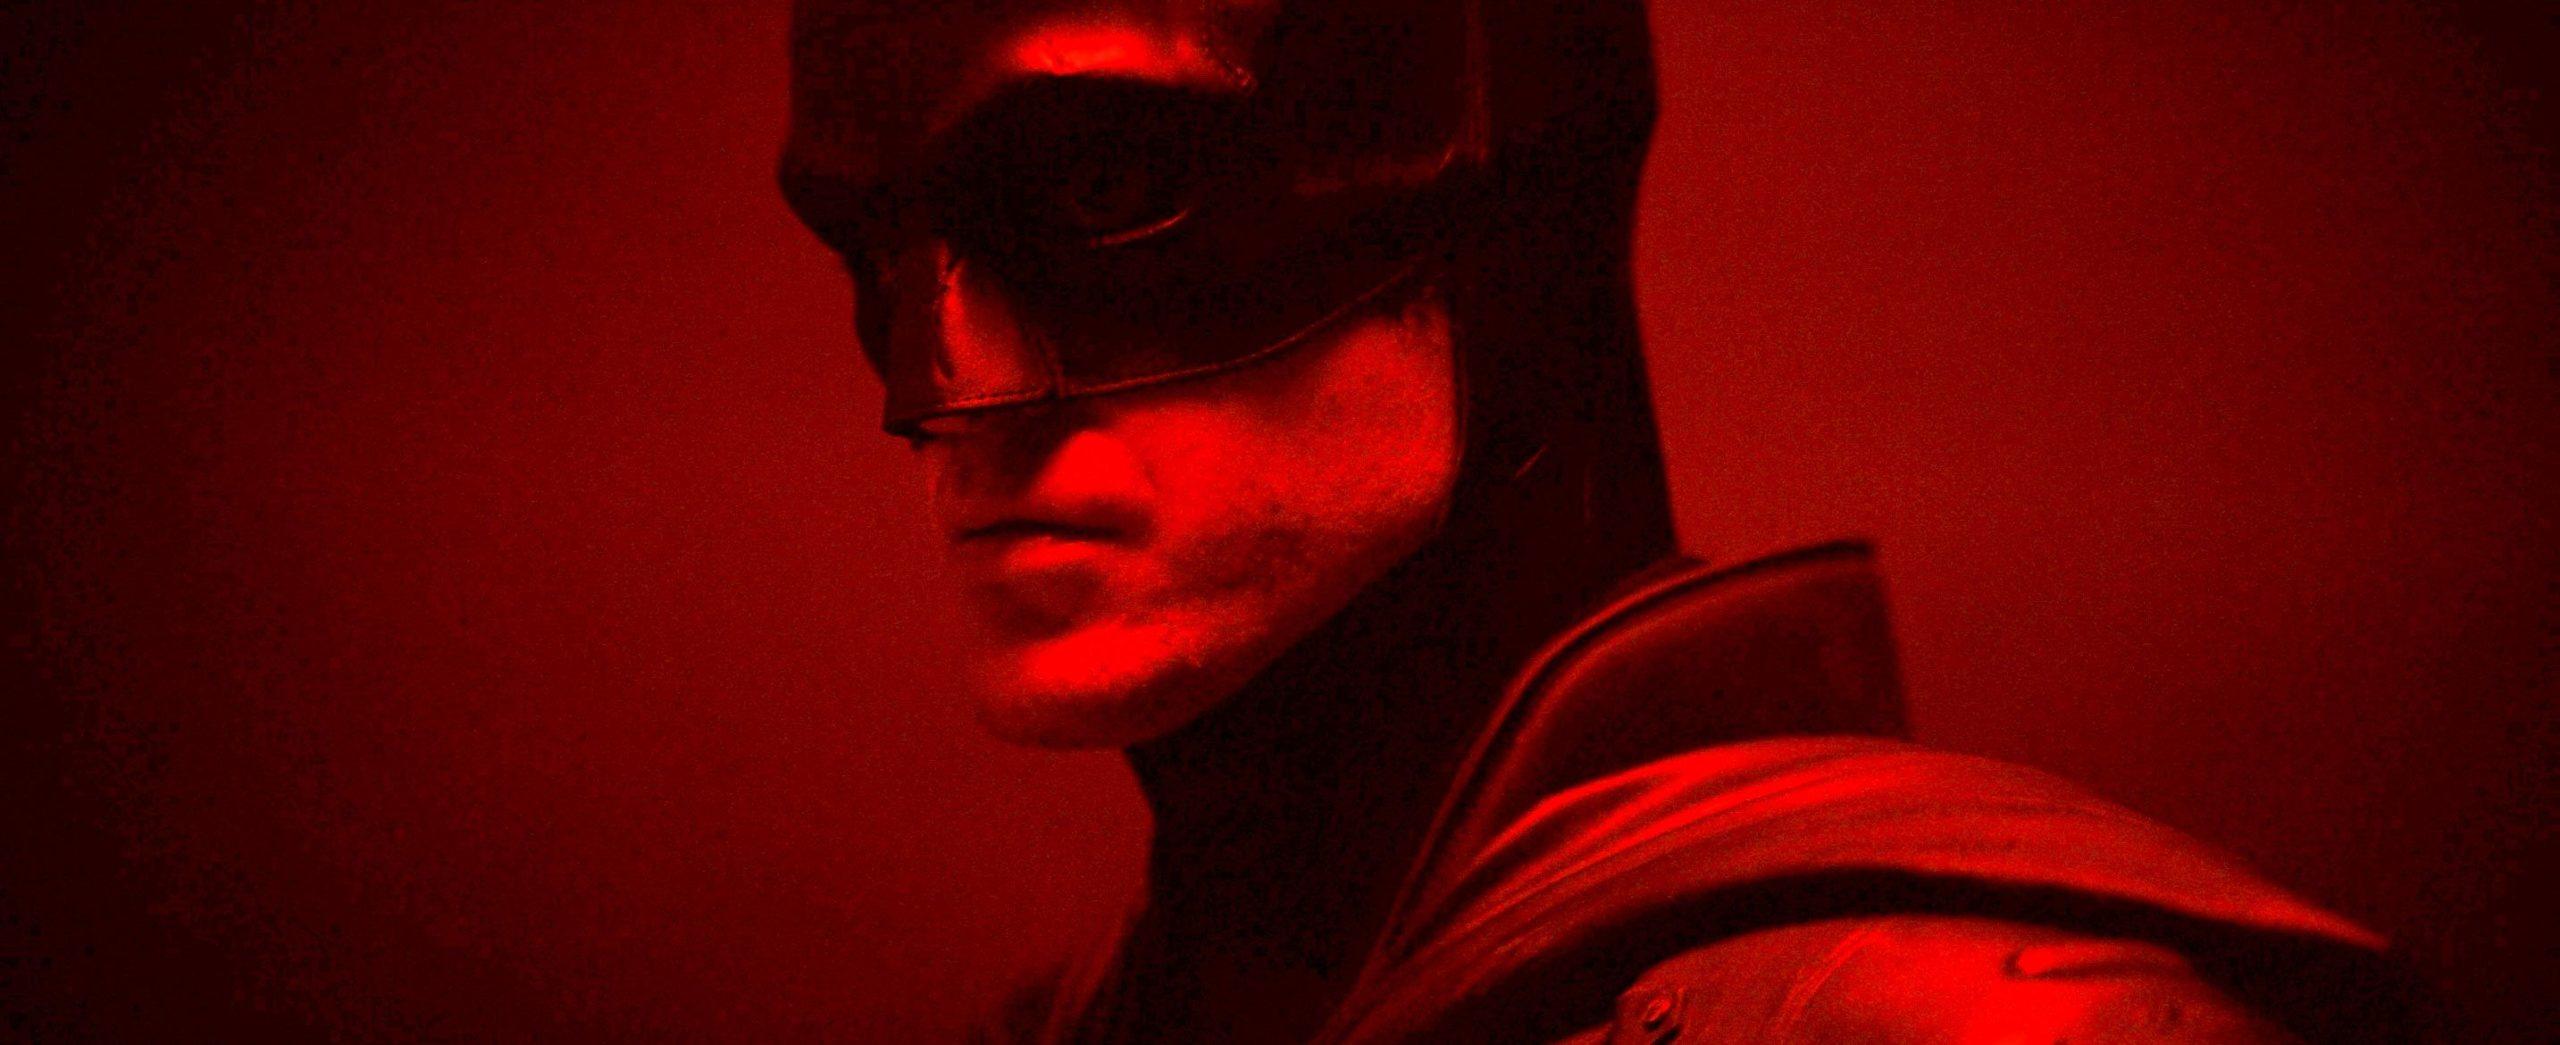 La película The Batman de Matt Reeves no será historia de origen